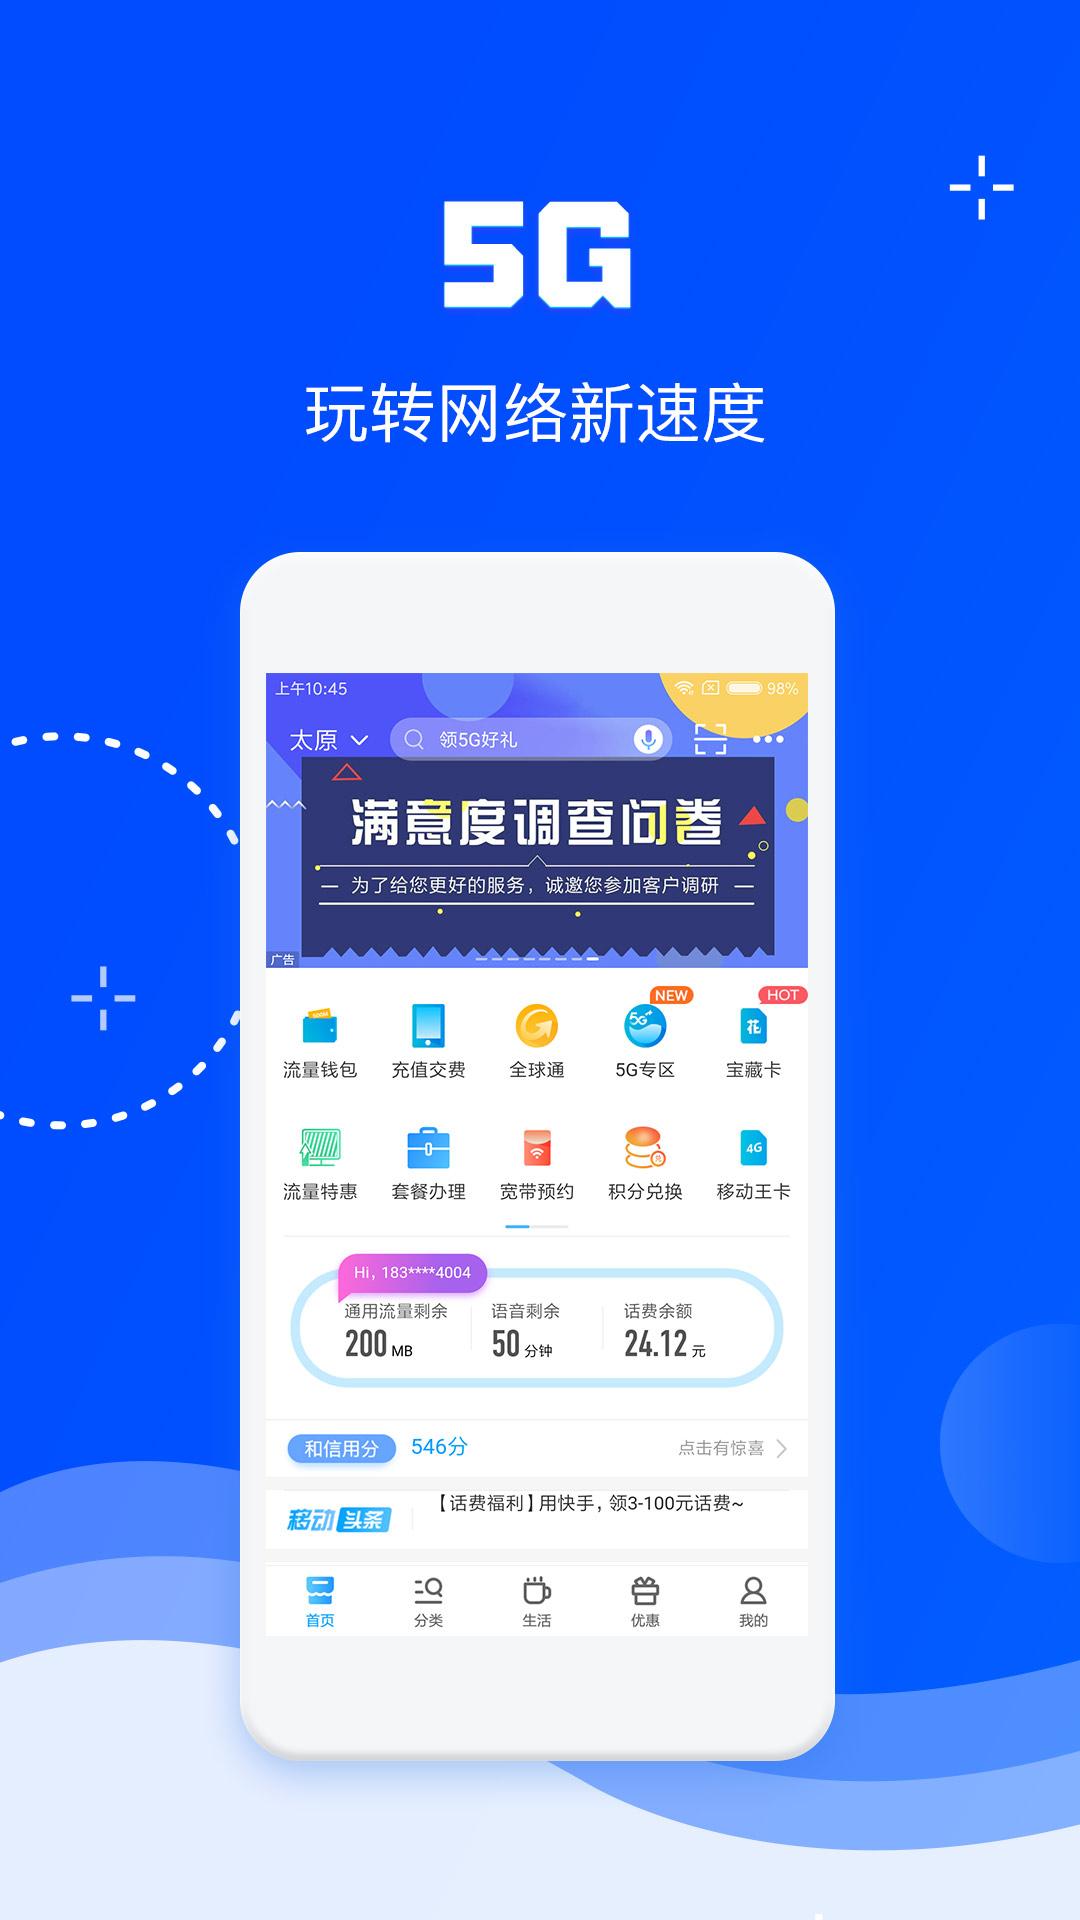 中國移動手機營業廳截圖1